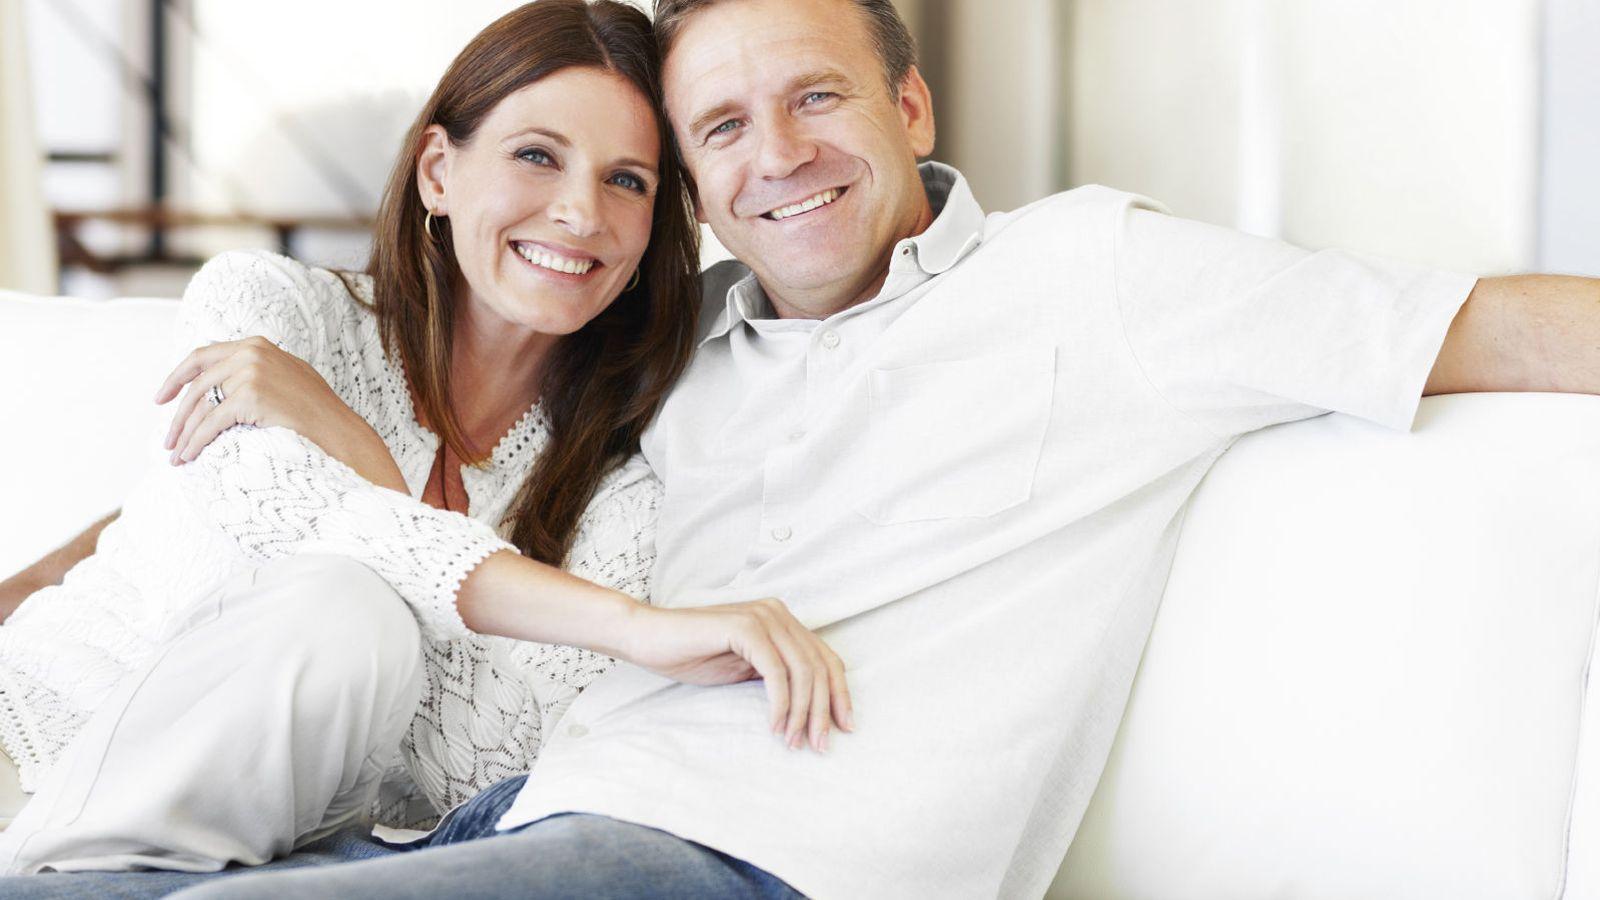 Matrimonios Catolicos Felices : Relaciones de pareja el mayor estudio académico descubre